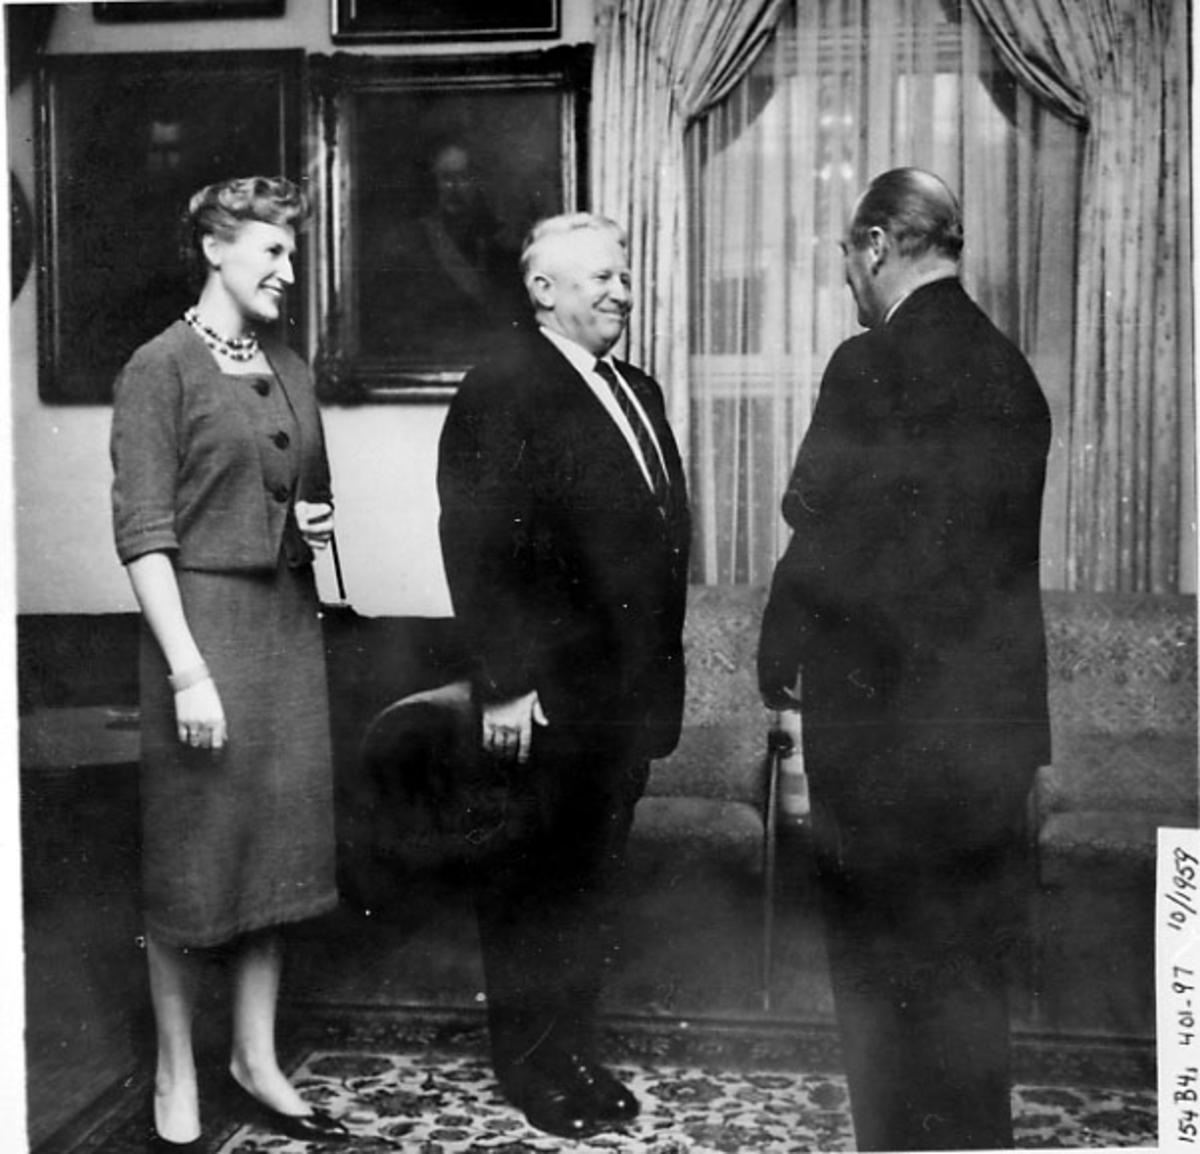 Portrett, 3 personer iført finklær. Tatt innendørs. Bernt Balchen hilser på Kong Olav V.